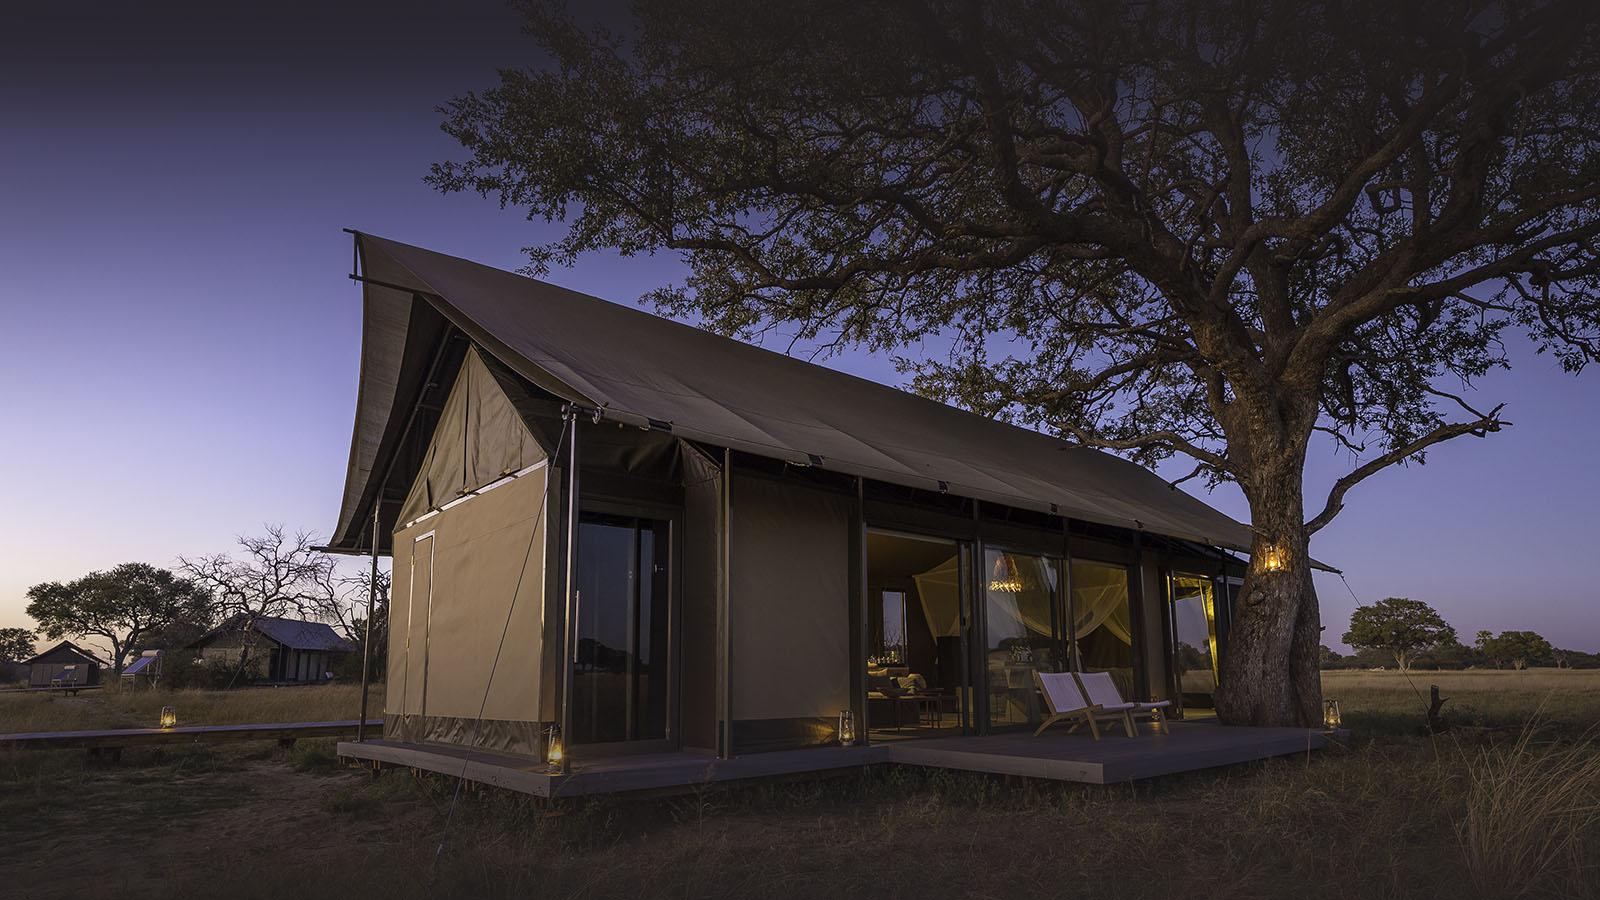 linkwasha camp hwange-national-park-zimbabwe-lodges-luxury-wilderness-camp-evening